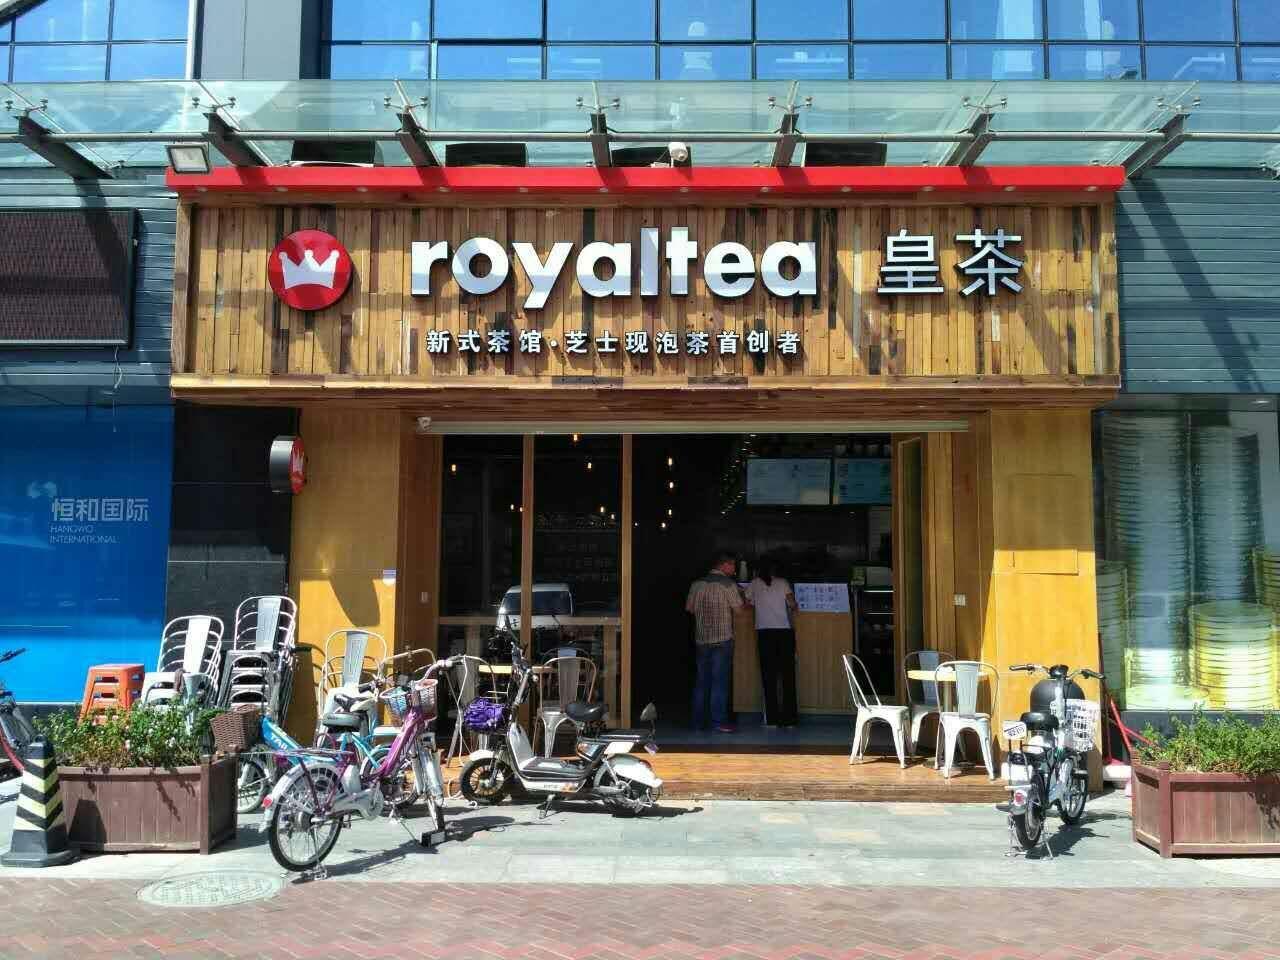 宝安工业加复古风Royaitea 皇茶知名连锁奶茶店